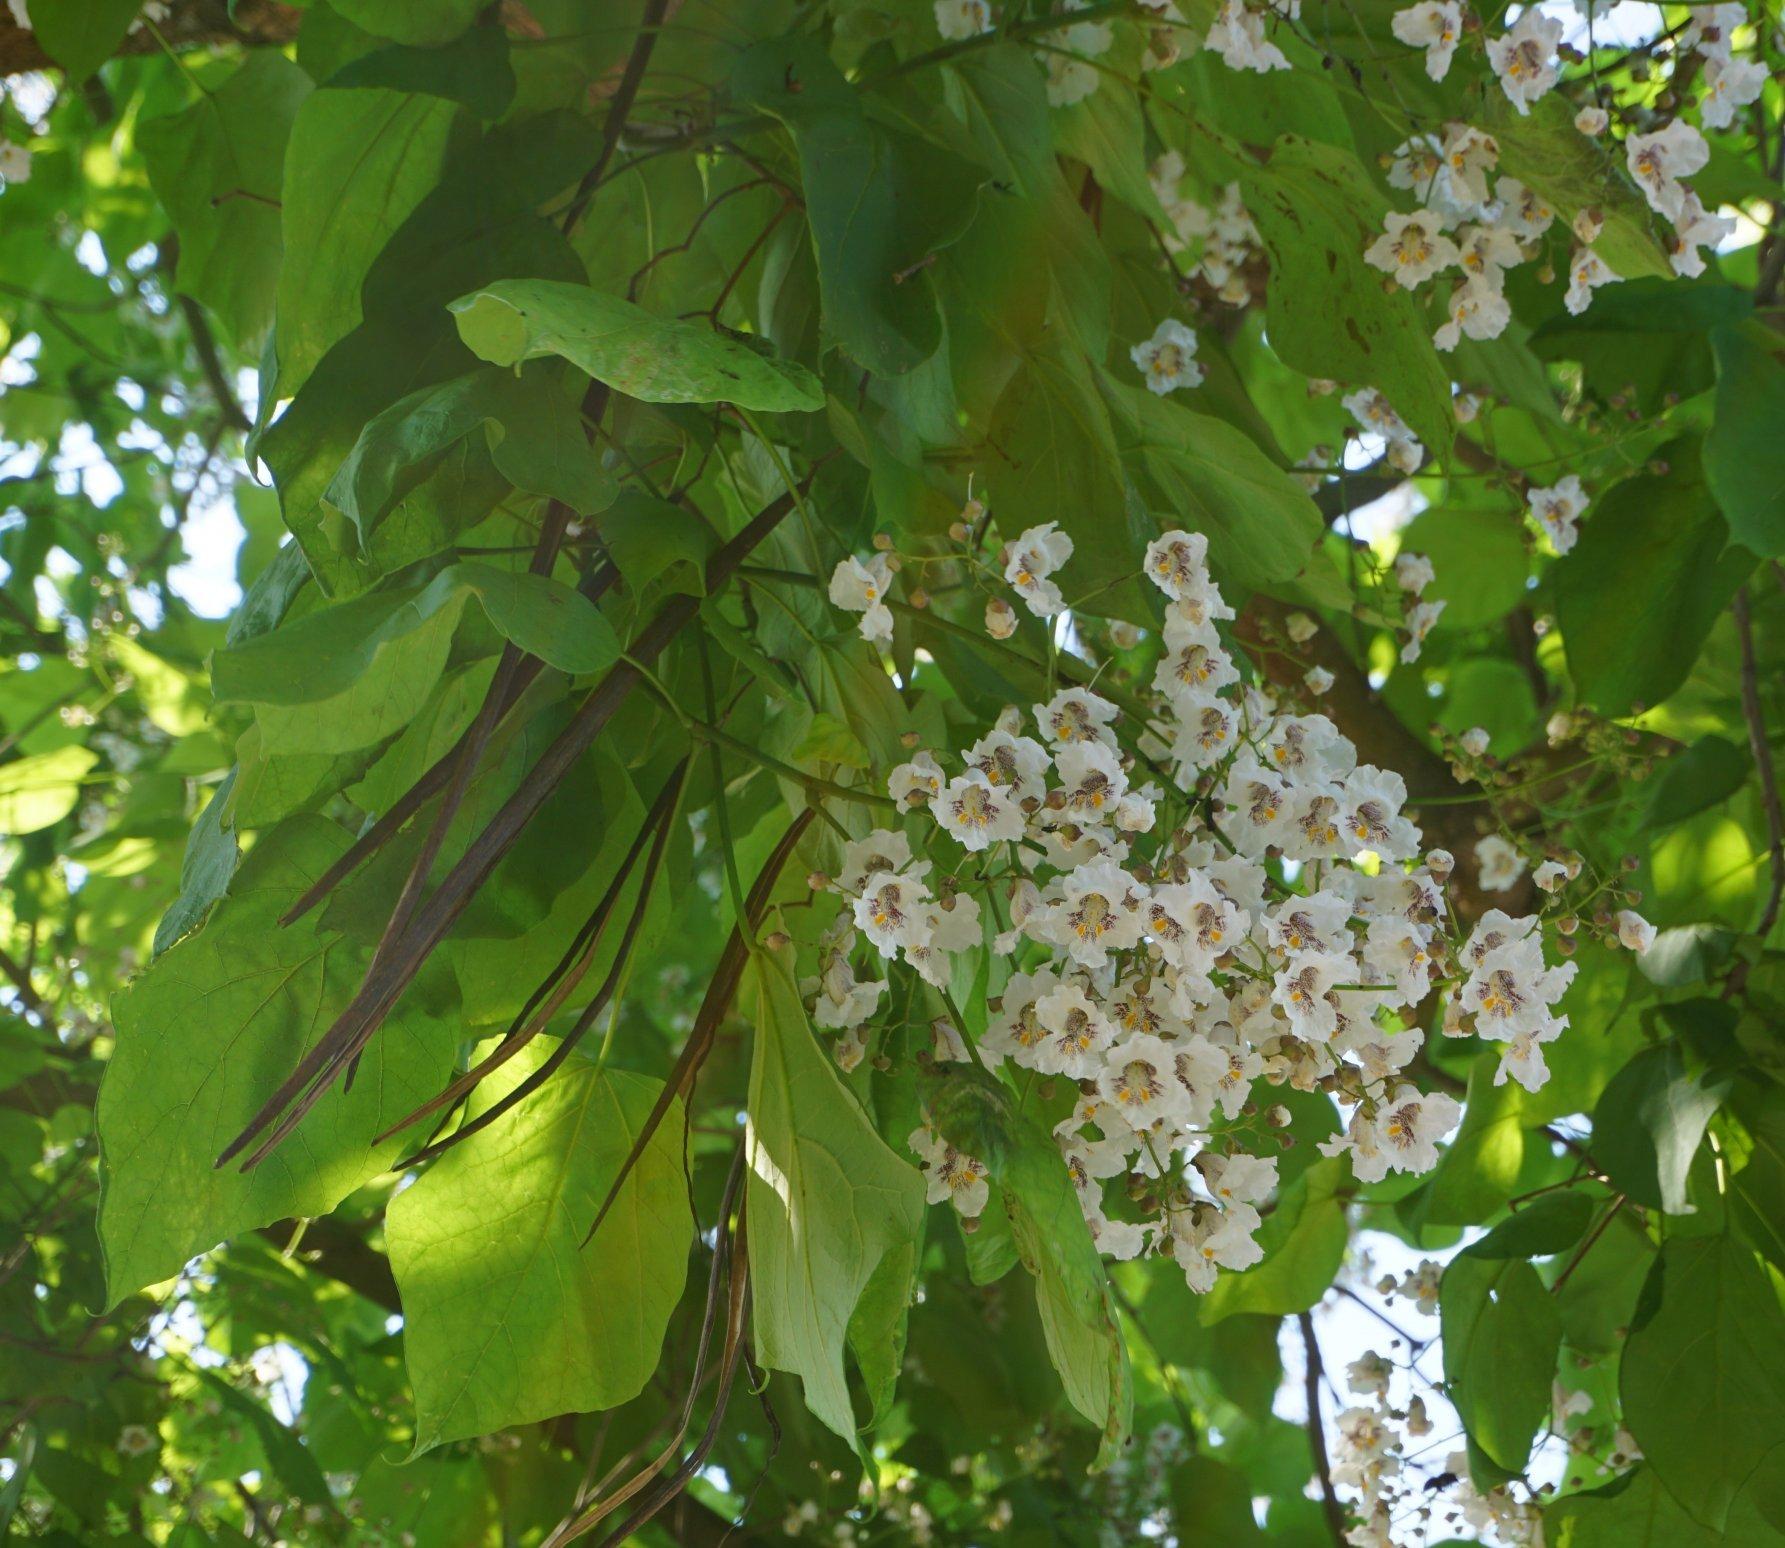 Das Bild zeigt die Juni-Blüten und alte Fruchthülsen des Vorjahres an einem Trompetenbaum an der Venusstraße im Kosmosviertel.